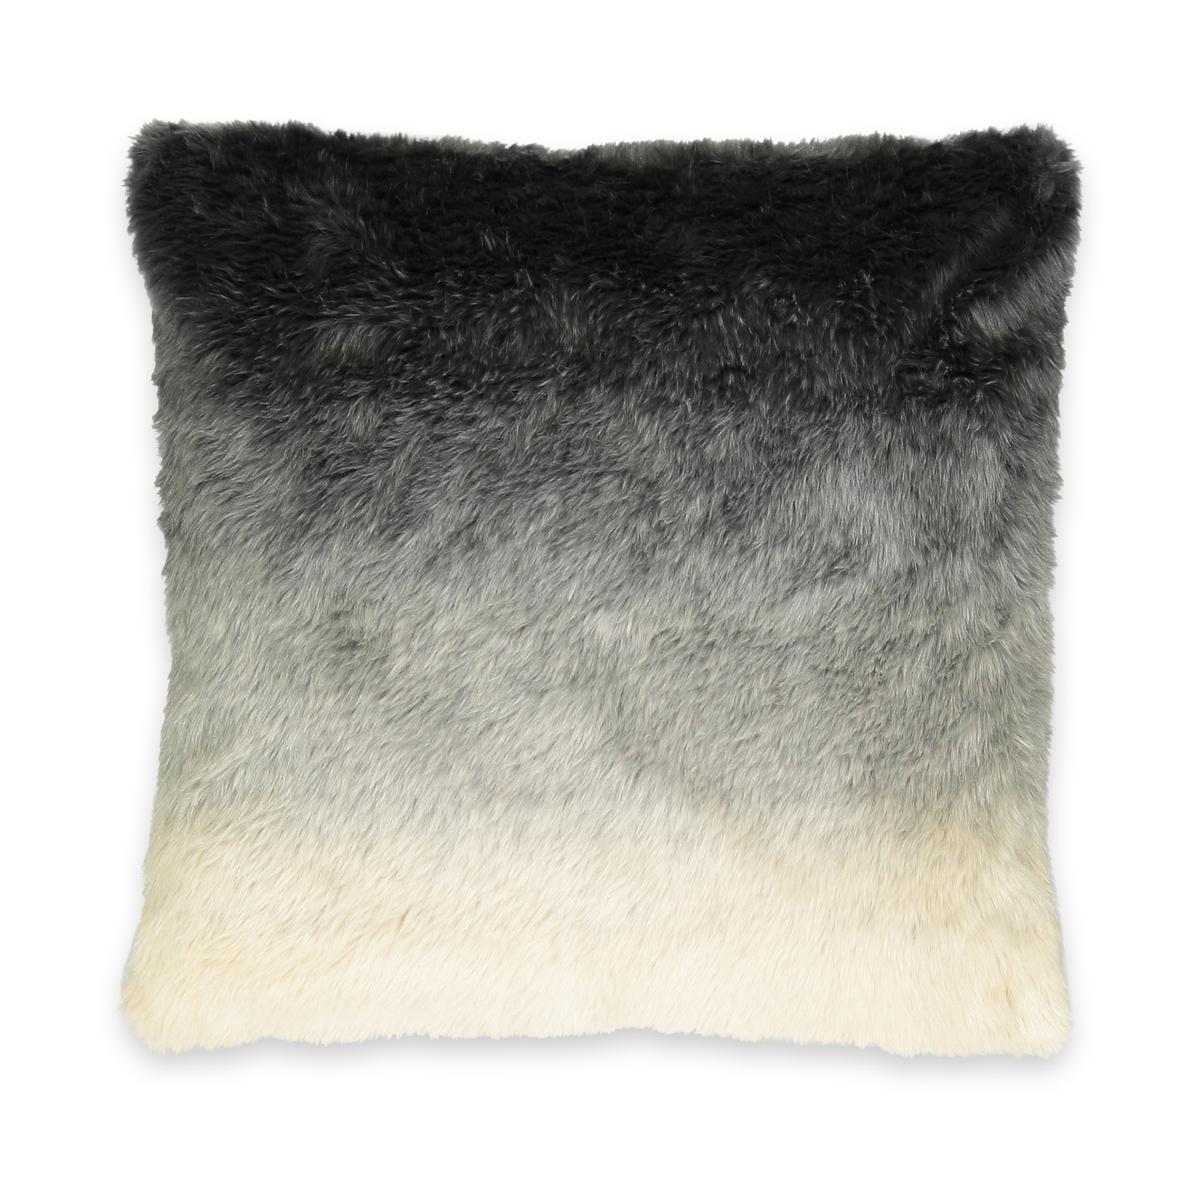 Чехол на подушку из искусственного меха AMALЧехол на подушку AMAL.  Невероятно мягкий чехол на подушку с искусственным мехом и принтом тай-энд-дай будет согревать вас на диване или кровати. Насладитесь им в полном объеме!Характеристики чехла на подушку AMAL :Эффект меха тай-энд-дай 80% акрила, 20% полиэстера Скрытая застежка на молниюРазмеры чехла на подушку AMAL:50 x 50 смПодушка.TERRA продается отдельно на нашем сайте<br><br>Цвет: экрю/серый